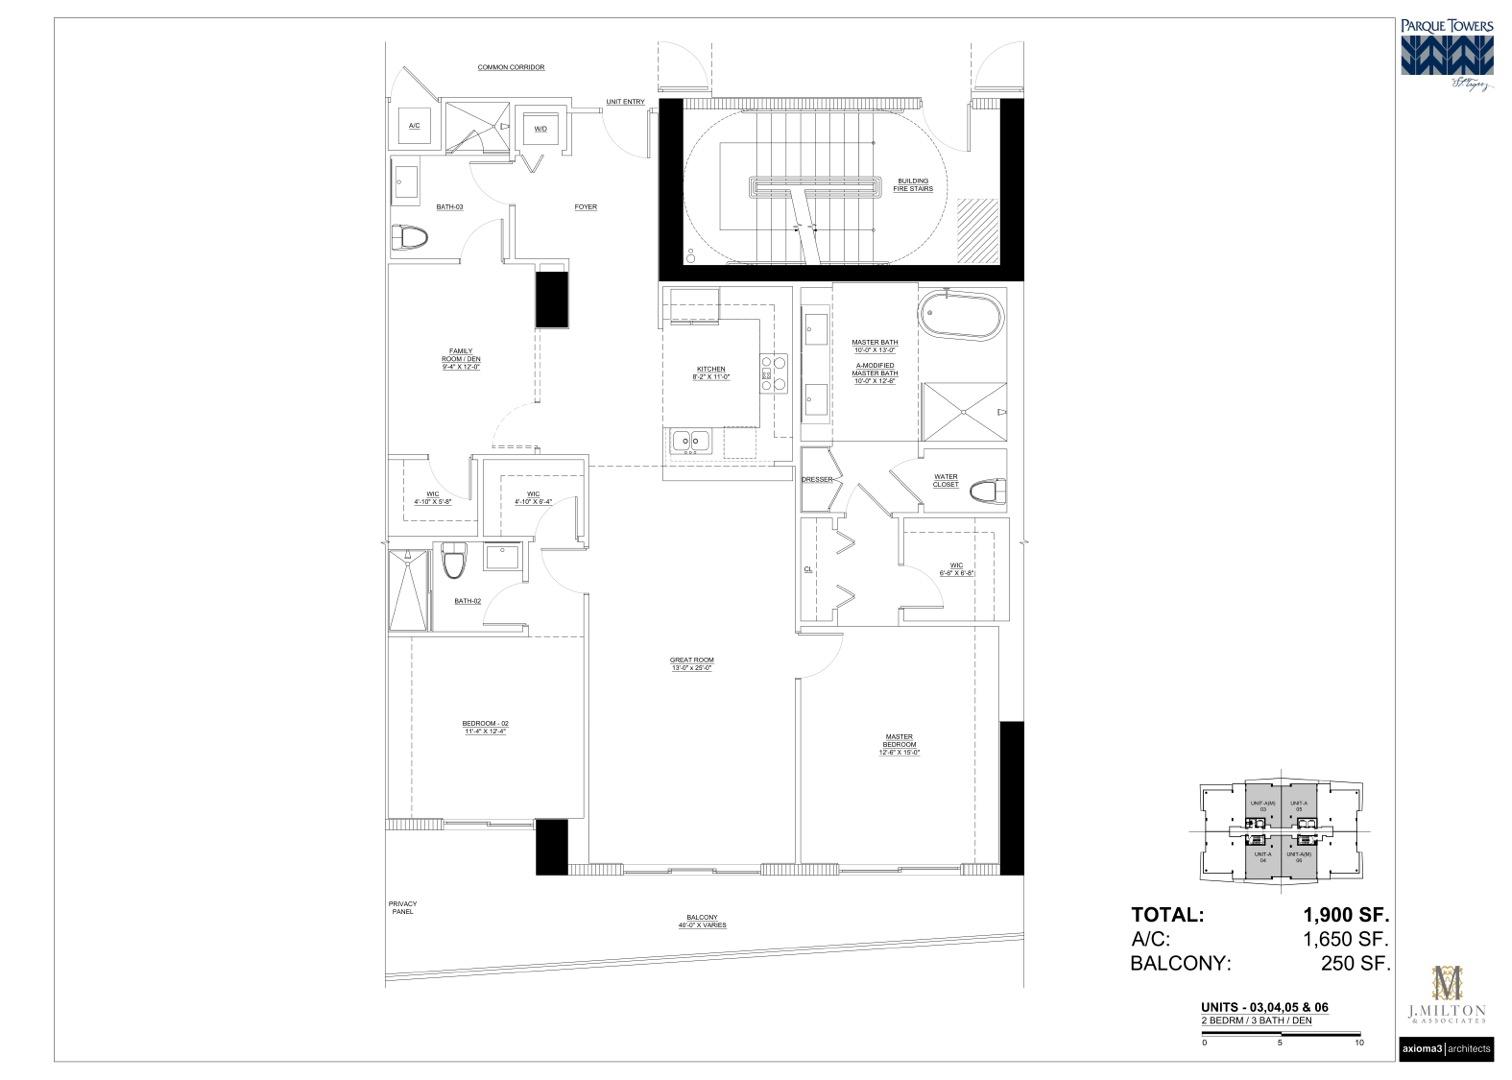 Unit A floor plan image